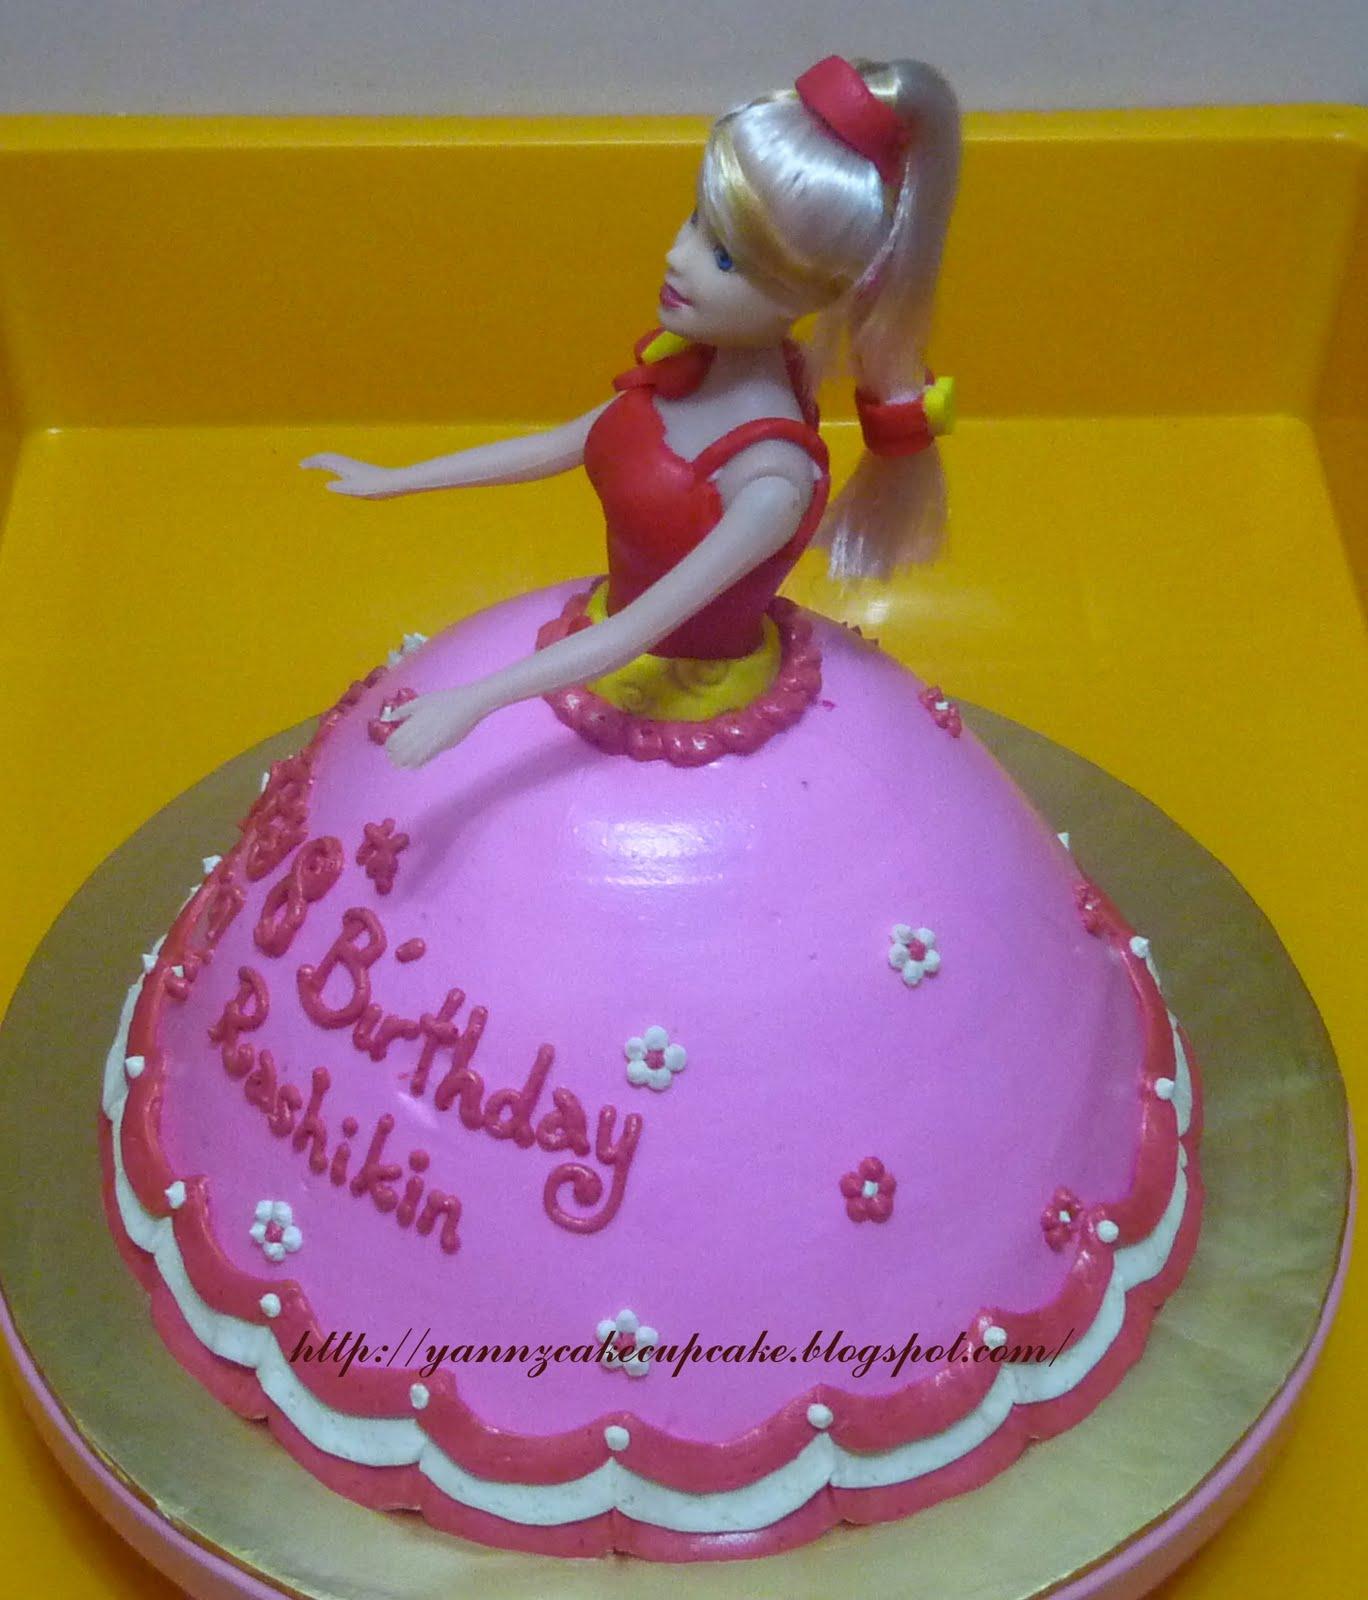 Cake & Cupcake By Yannz: 3D Princess Cake : For Rasyikin